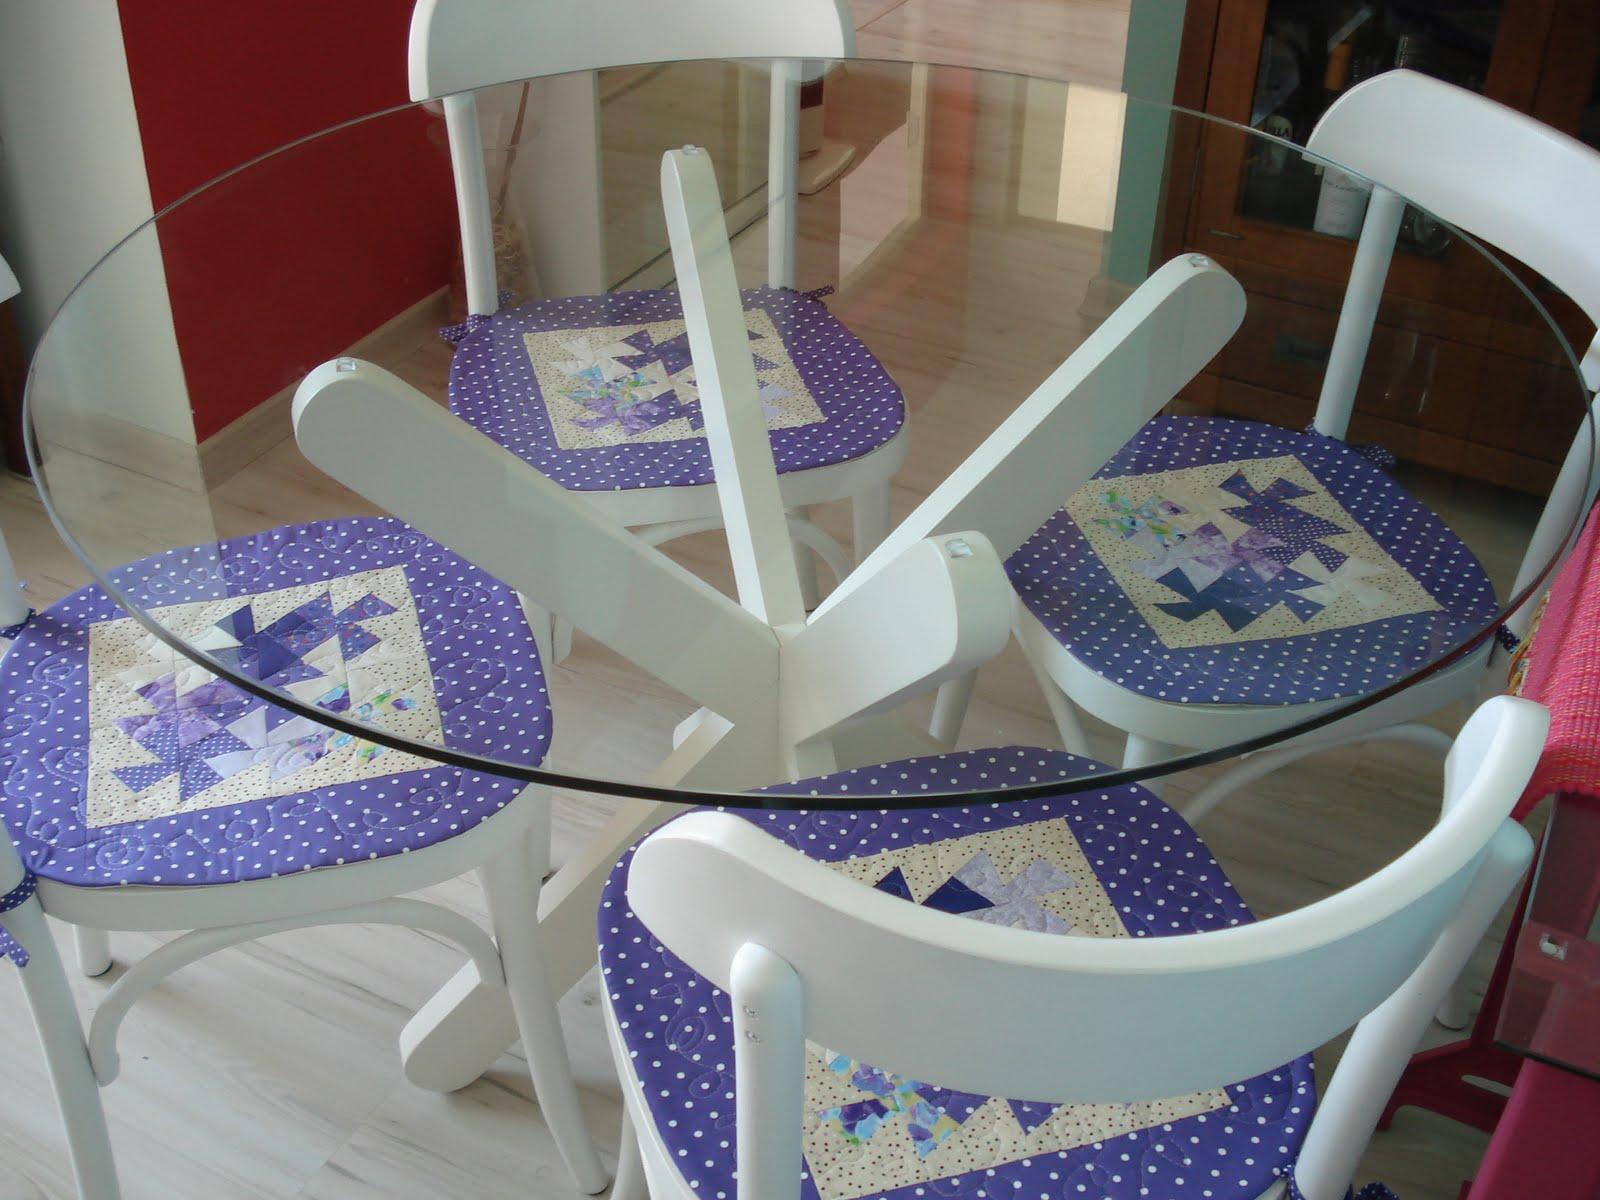 Pano pra que te quero?: Almofadas para Cadeira #5E2422 1600x1200